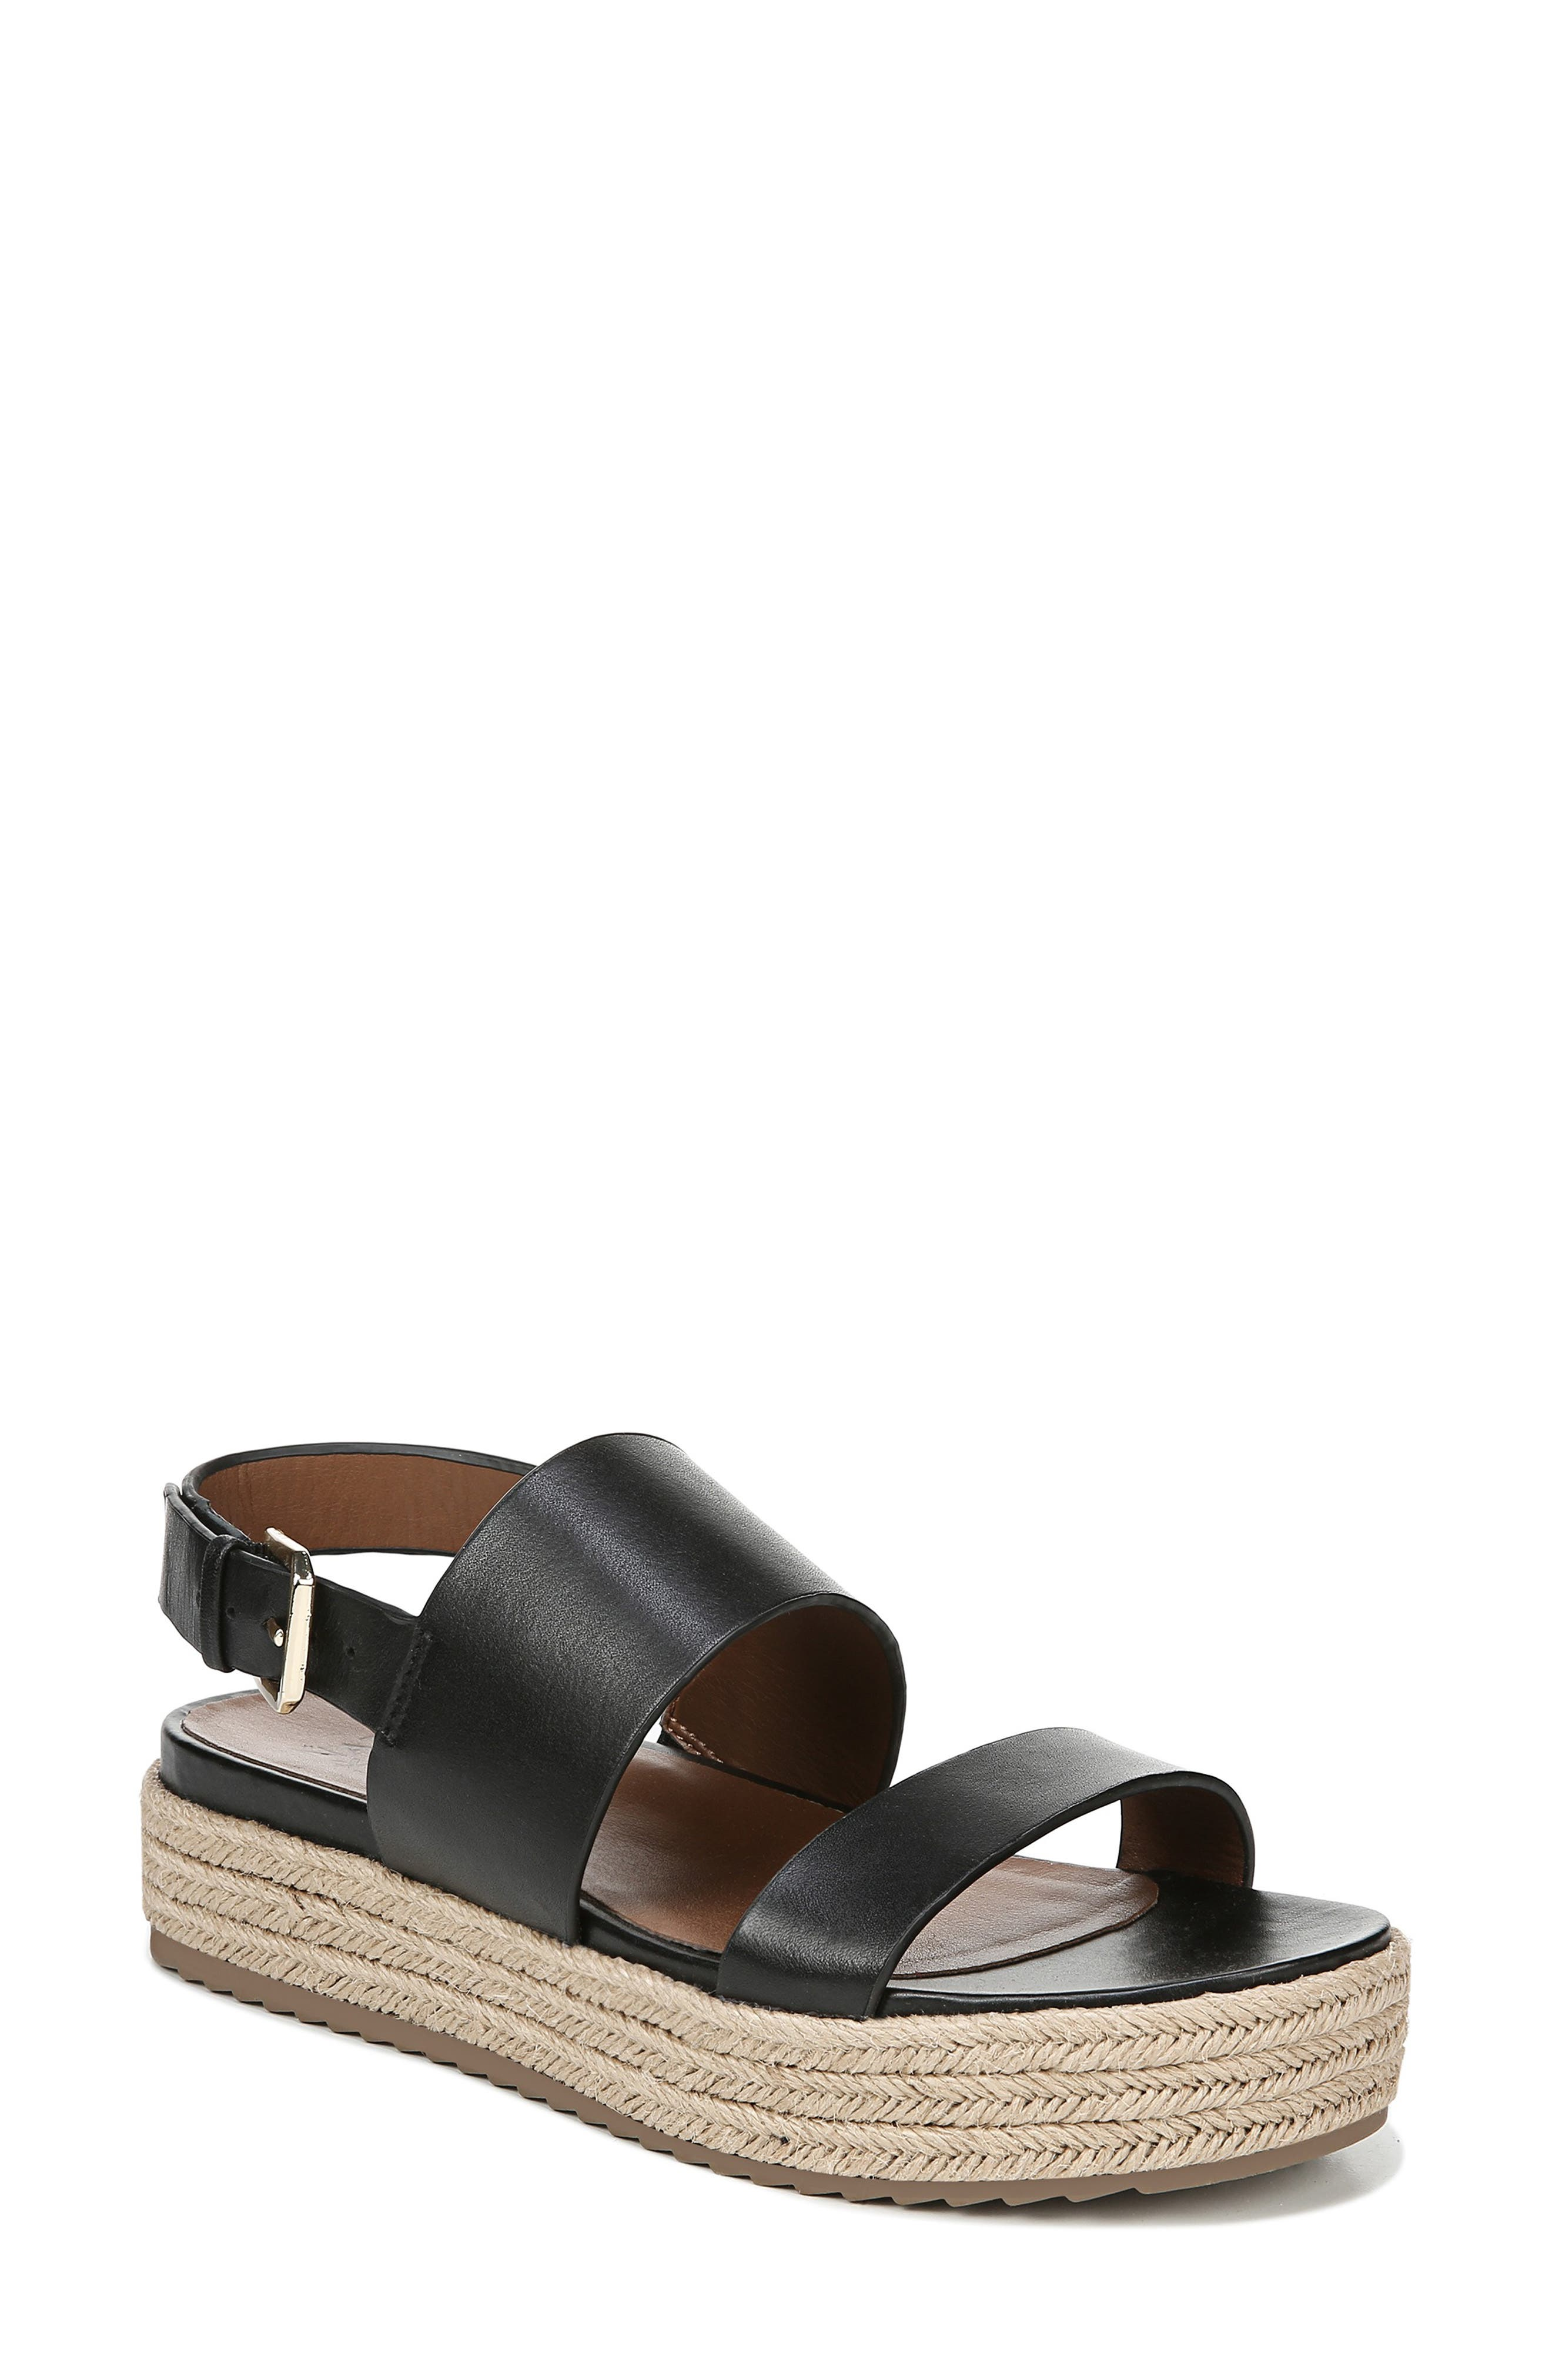 NATURALIZER Jaycie Platform Sandal, Main, color, BLACK LEATHER